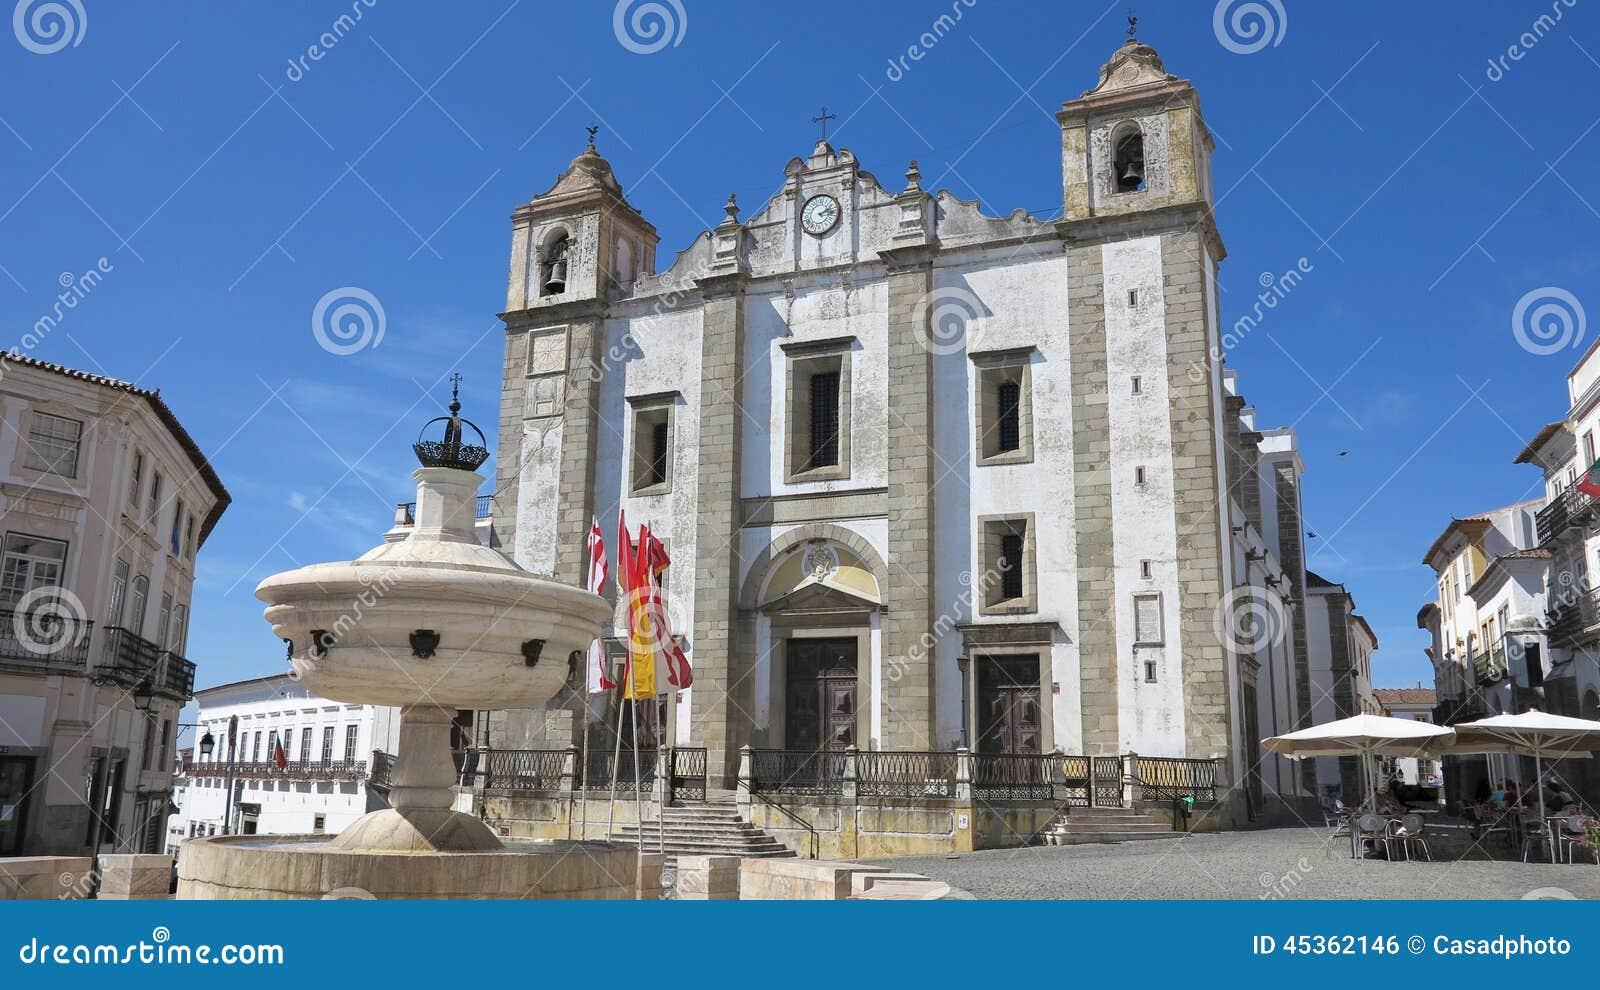 Place de Giraldo, Evora, Portugal